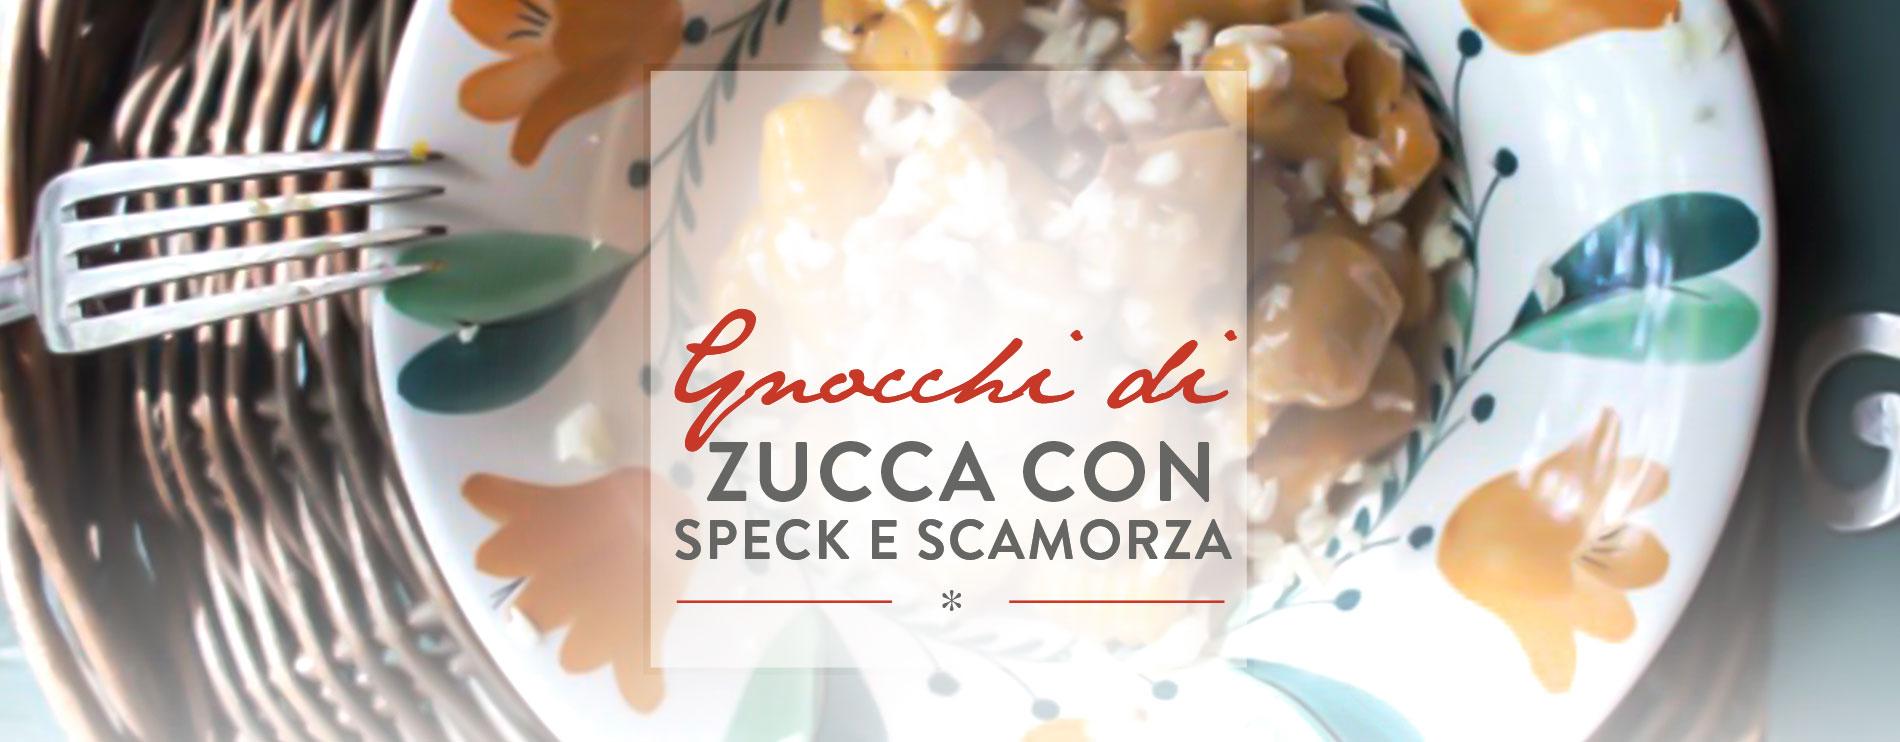 gnocchi zucca banner